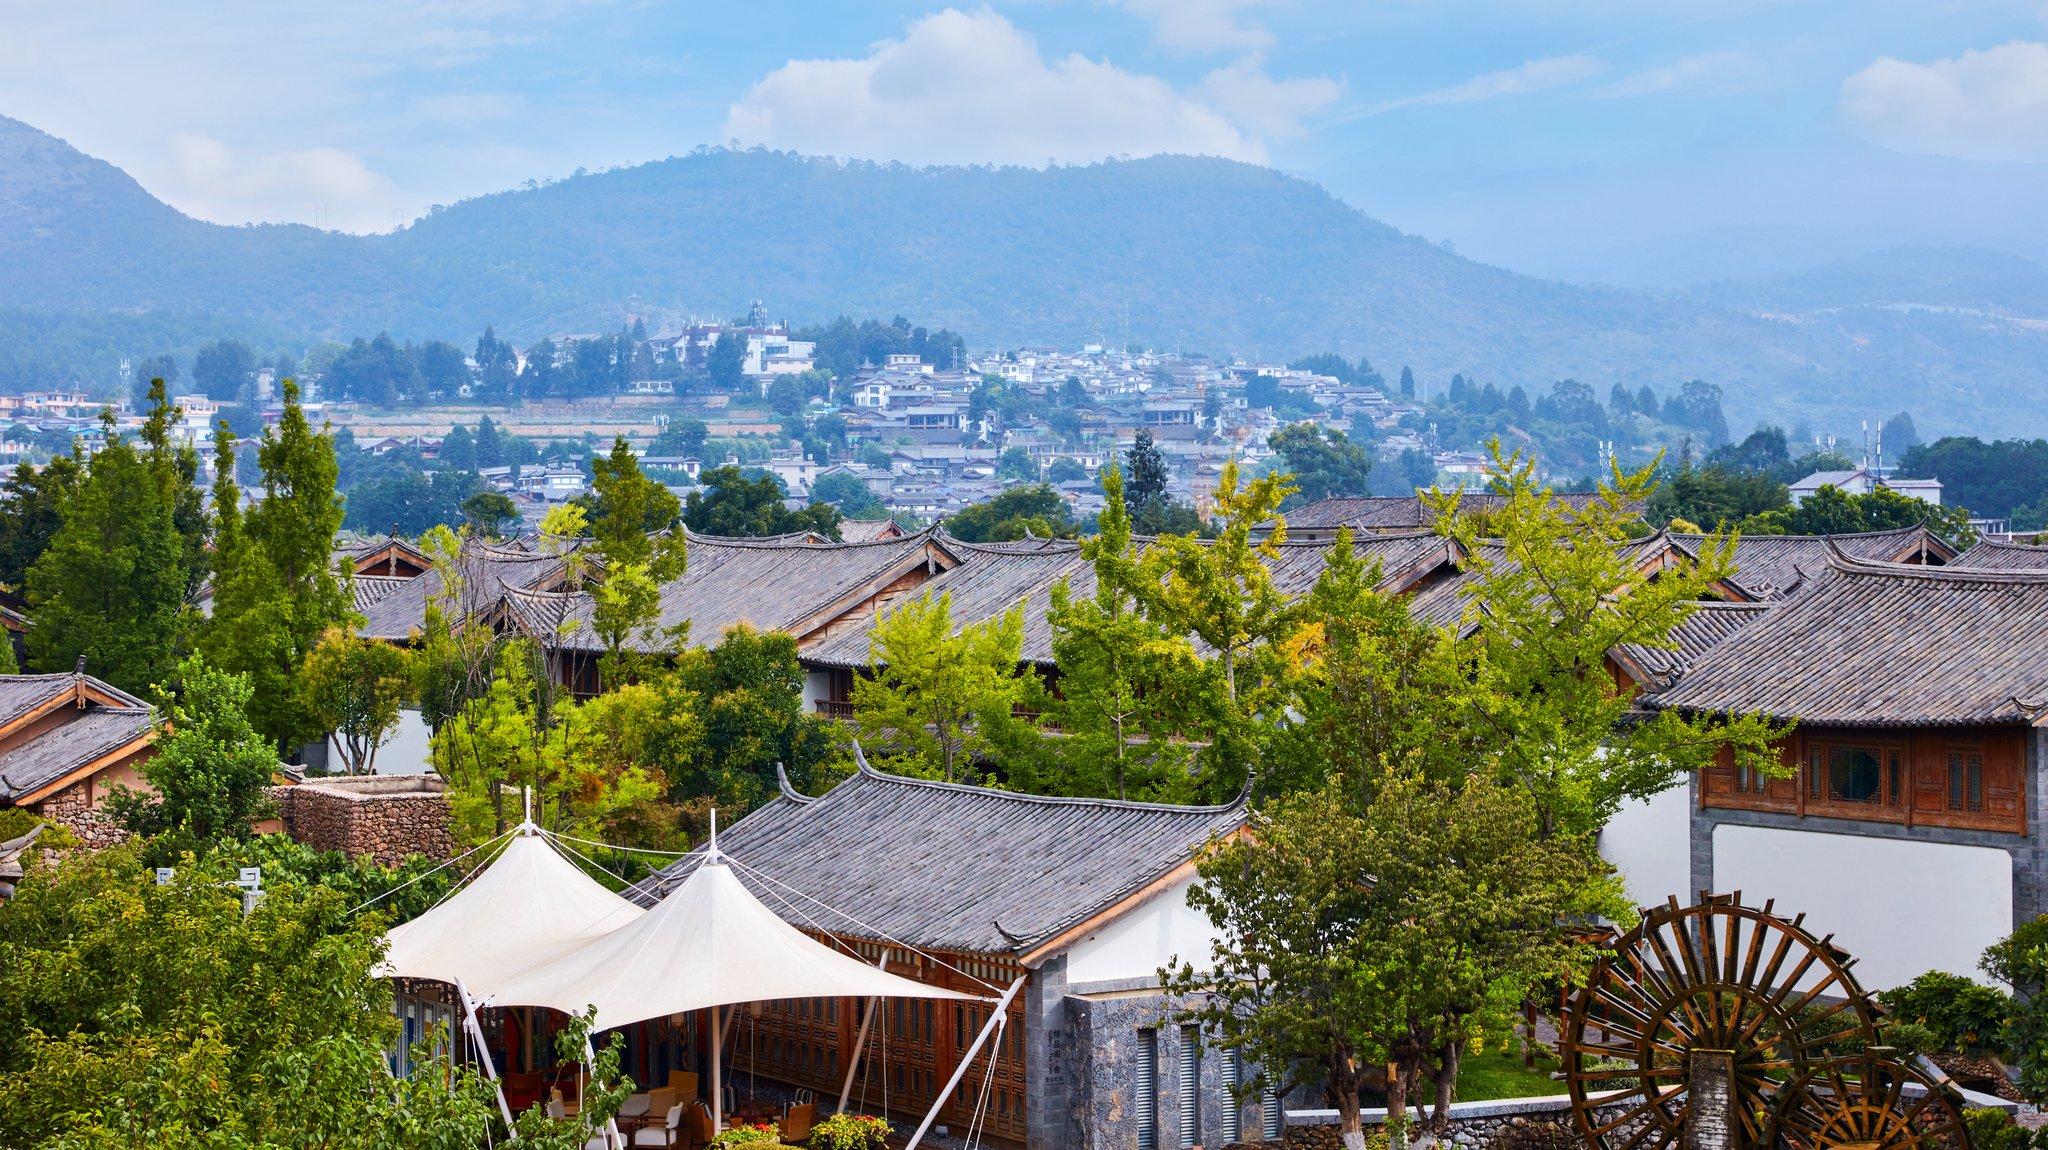 InterContinental Lijiang Ancient Town